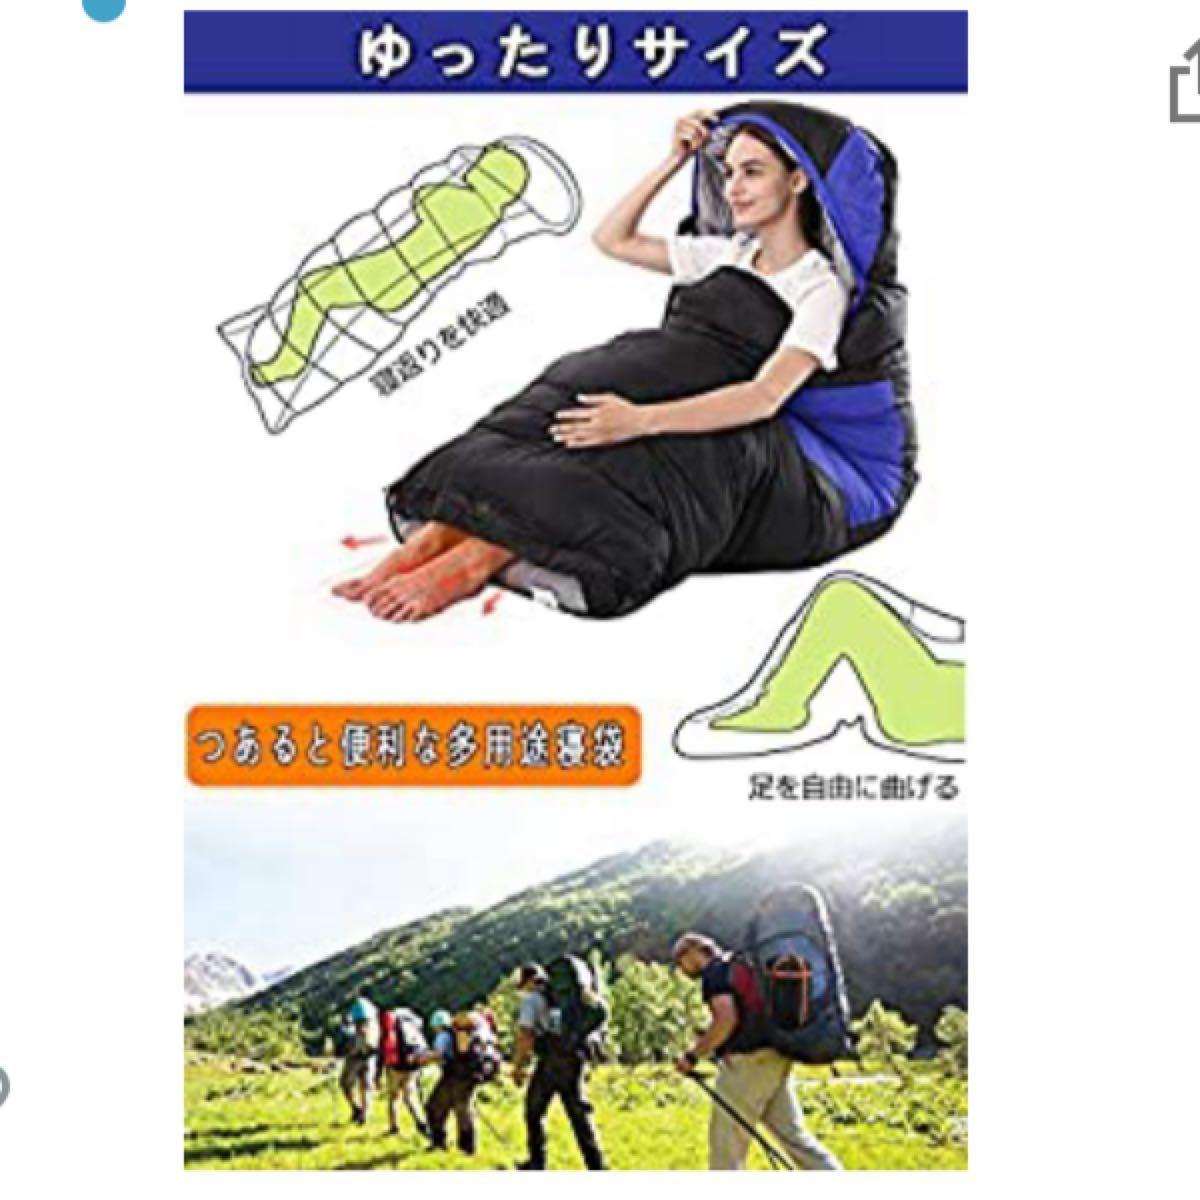 寝袋 シュラフ 防水シュラフ 封筒型 軽量 保温 コンパクト アウトドア キャンプ 登山 車中泊 防災用 丸洗い